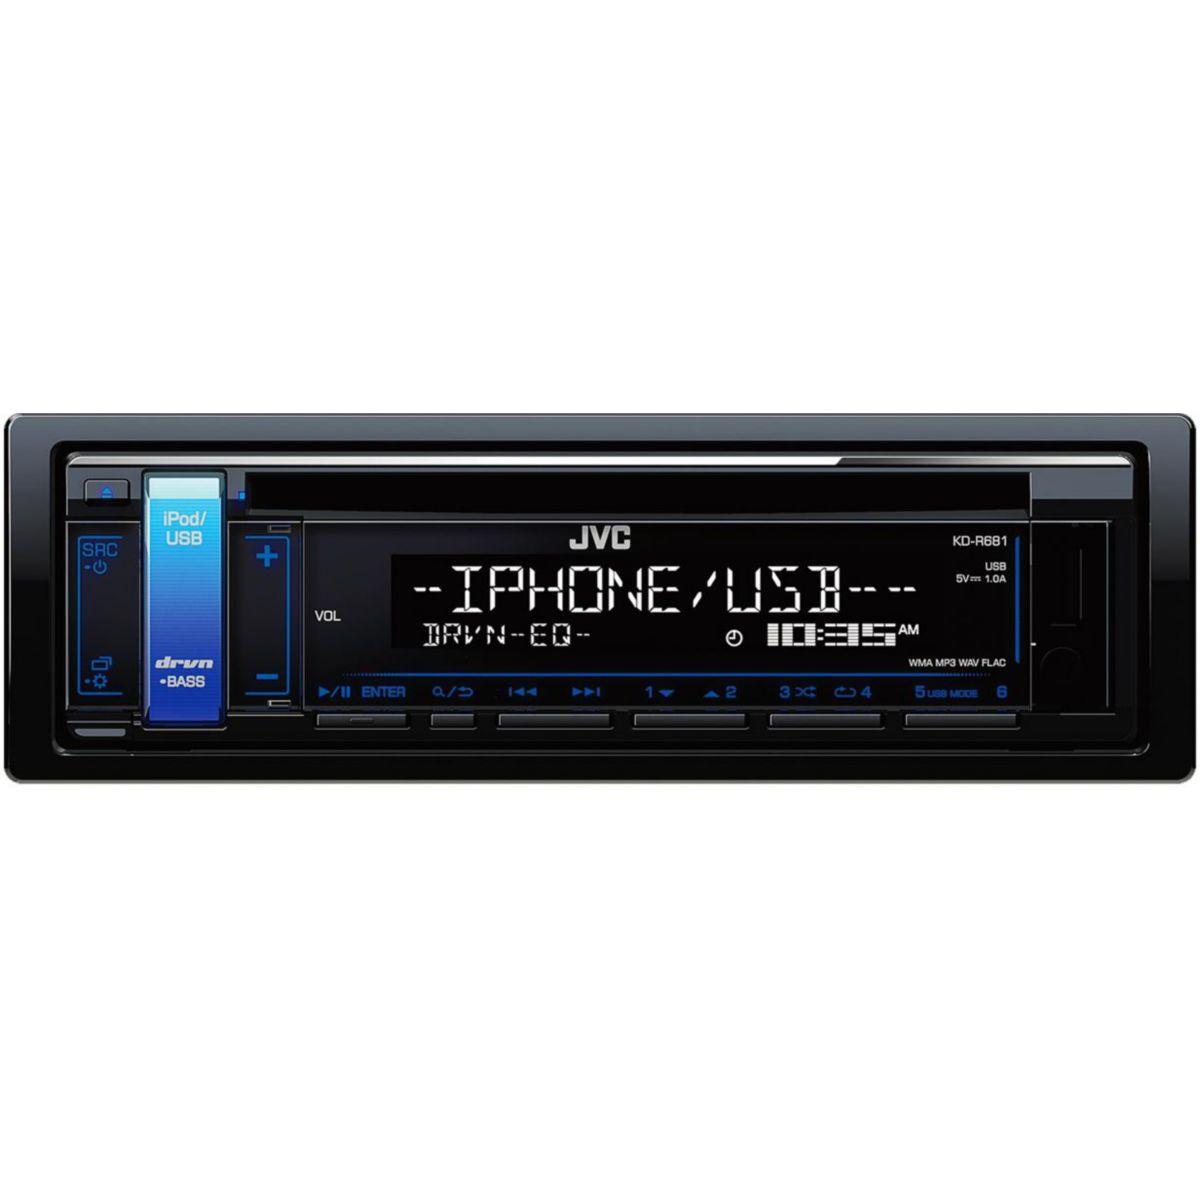 Autoradio cd jvc kd-r681 - 5% de remise imm�diate avec le code : fete5